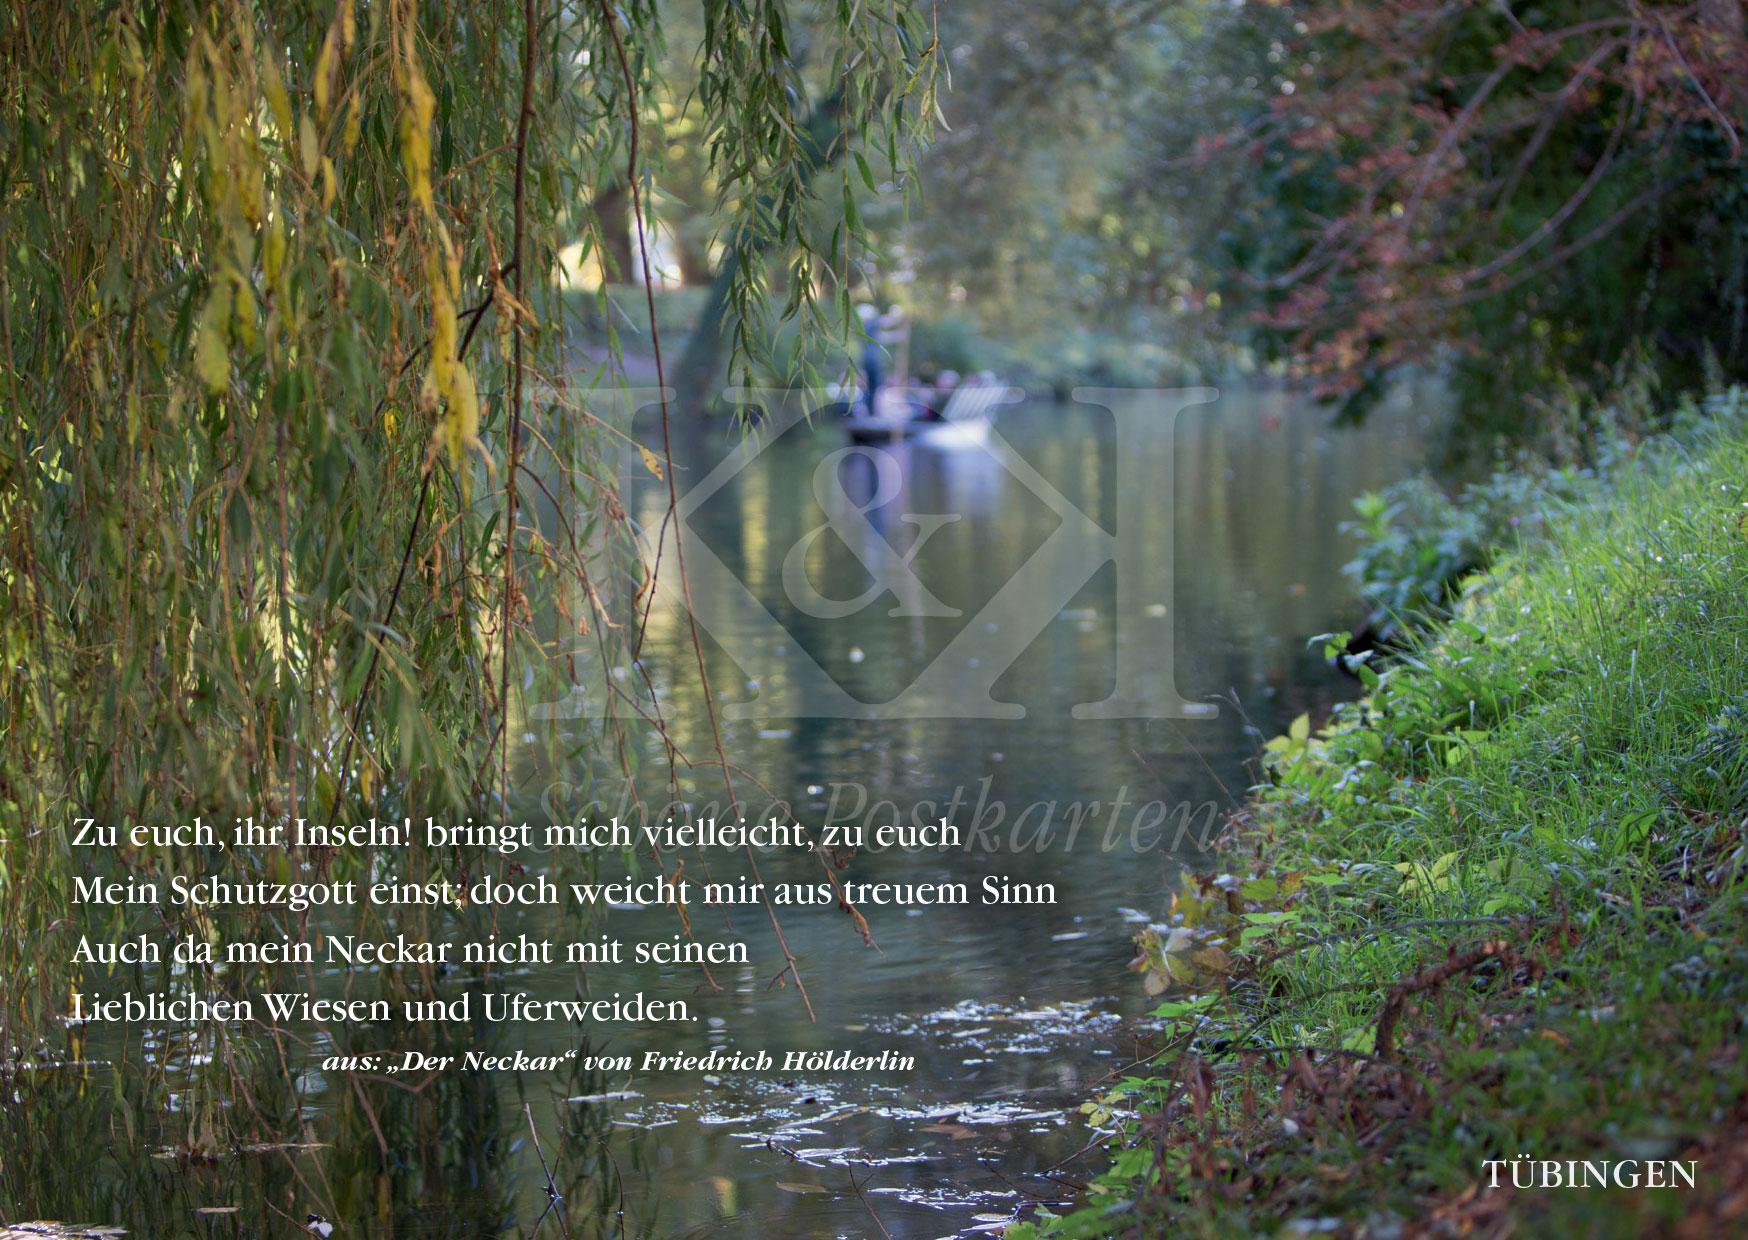 Auch da mein Neckar: Stocherkahn am Hölderlinturm, Tübingen am Neckar | Schöne Postkarte Nr. 198 ·